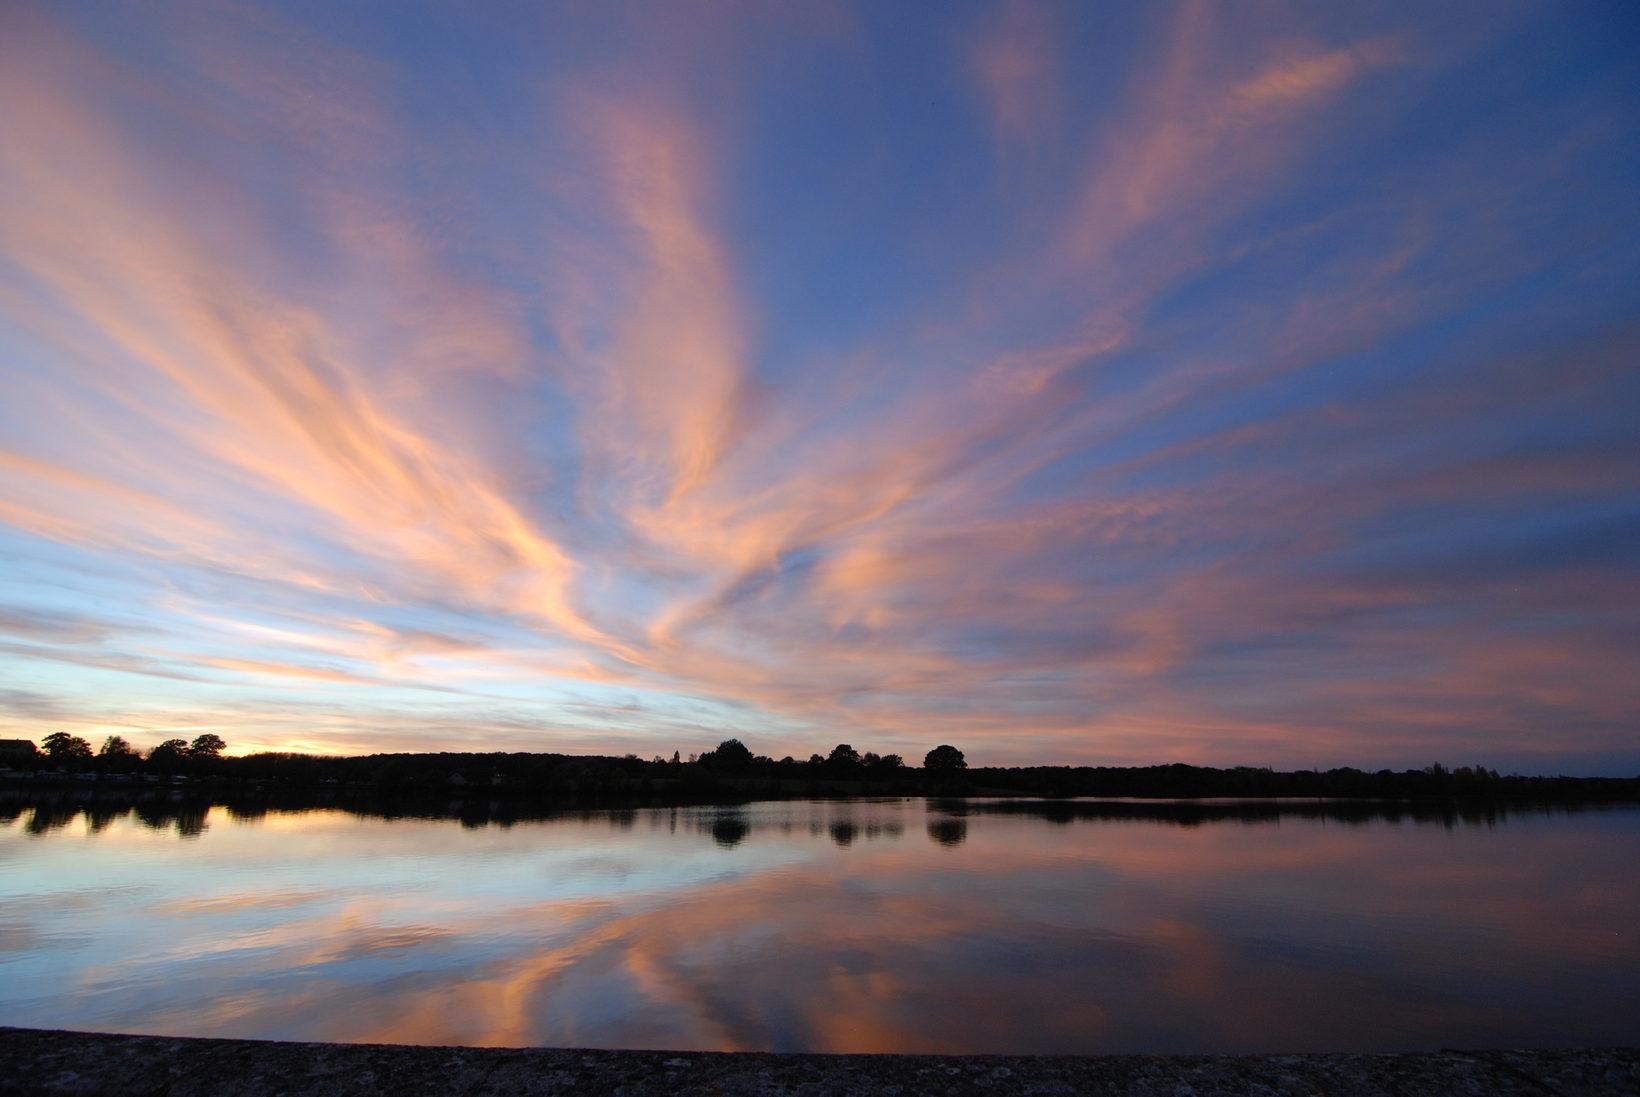 Sunset over lake Baye